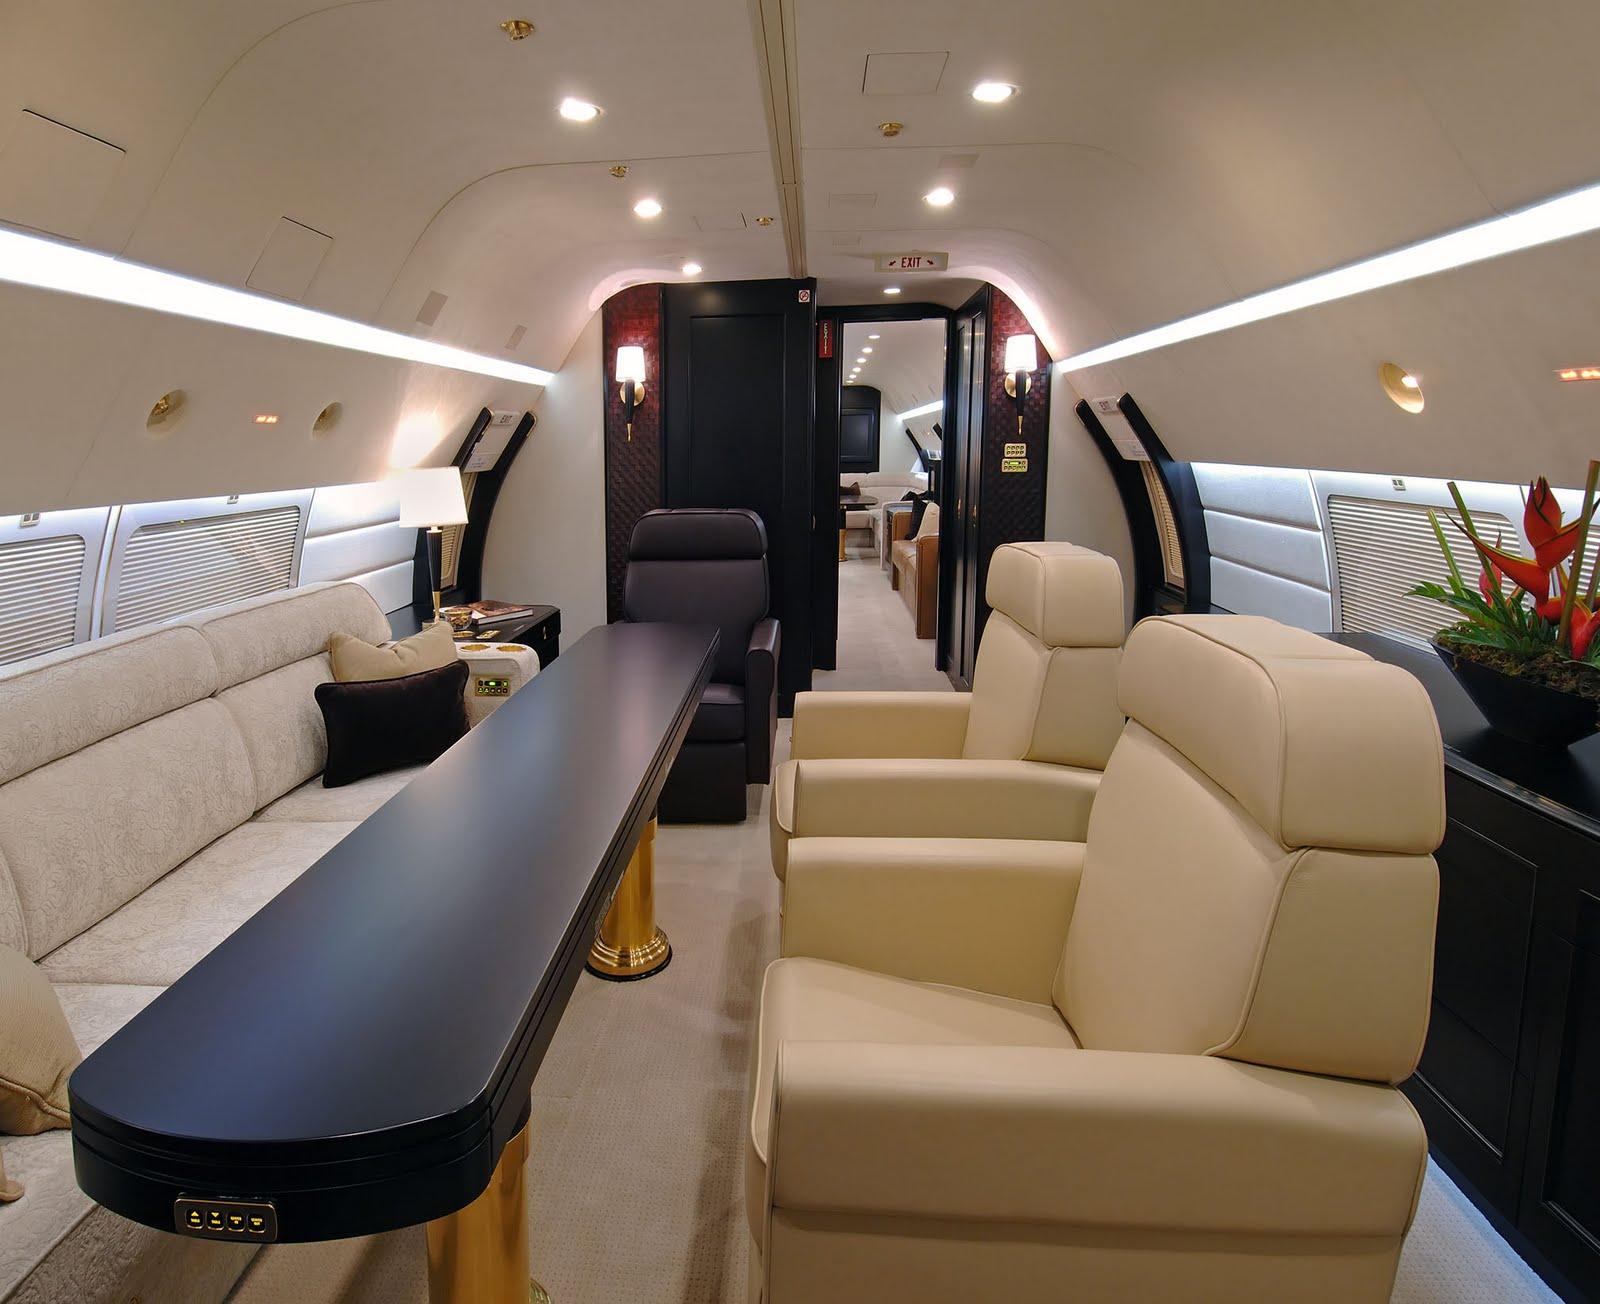 Как купить авиабилет бизнес класс билеты на самолет с питера в махачкалу